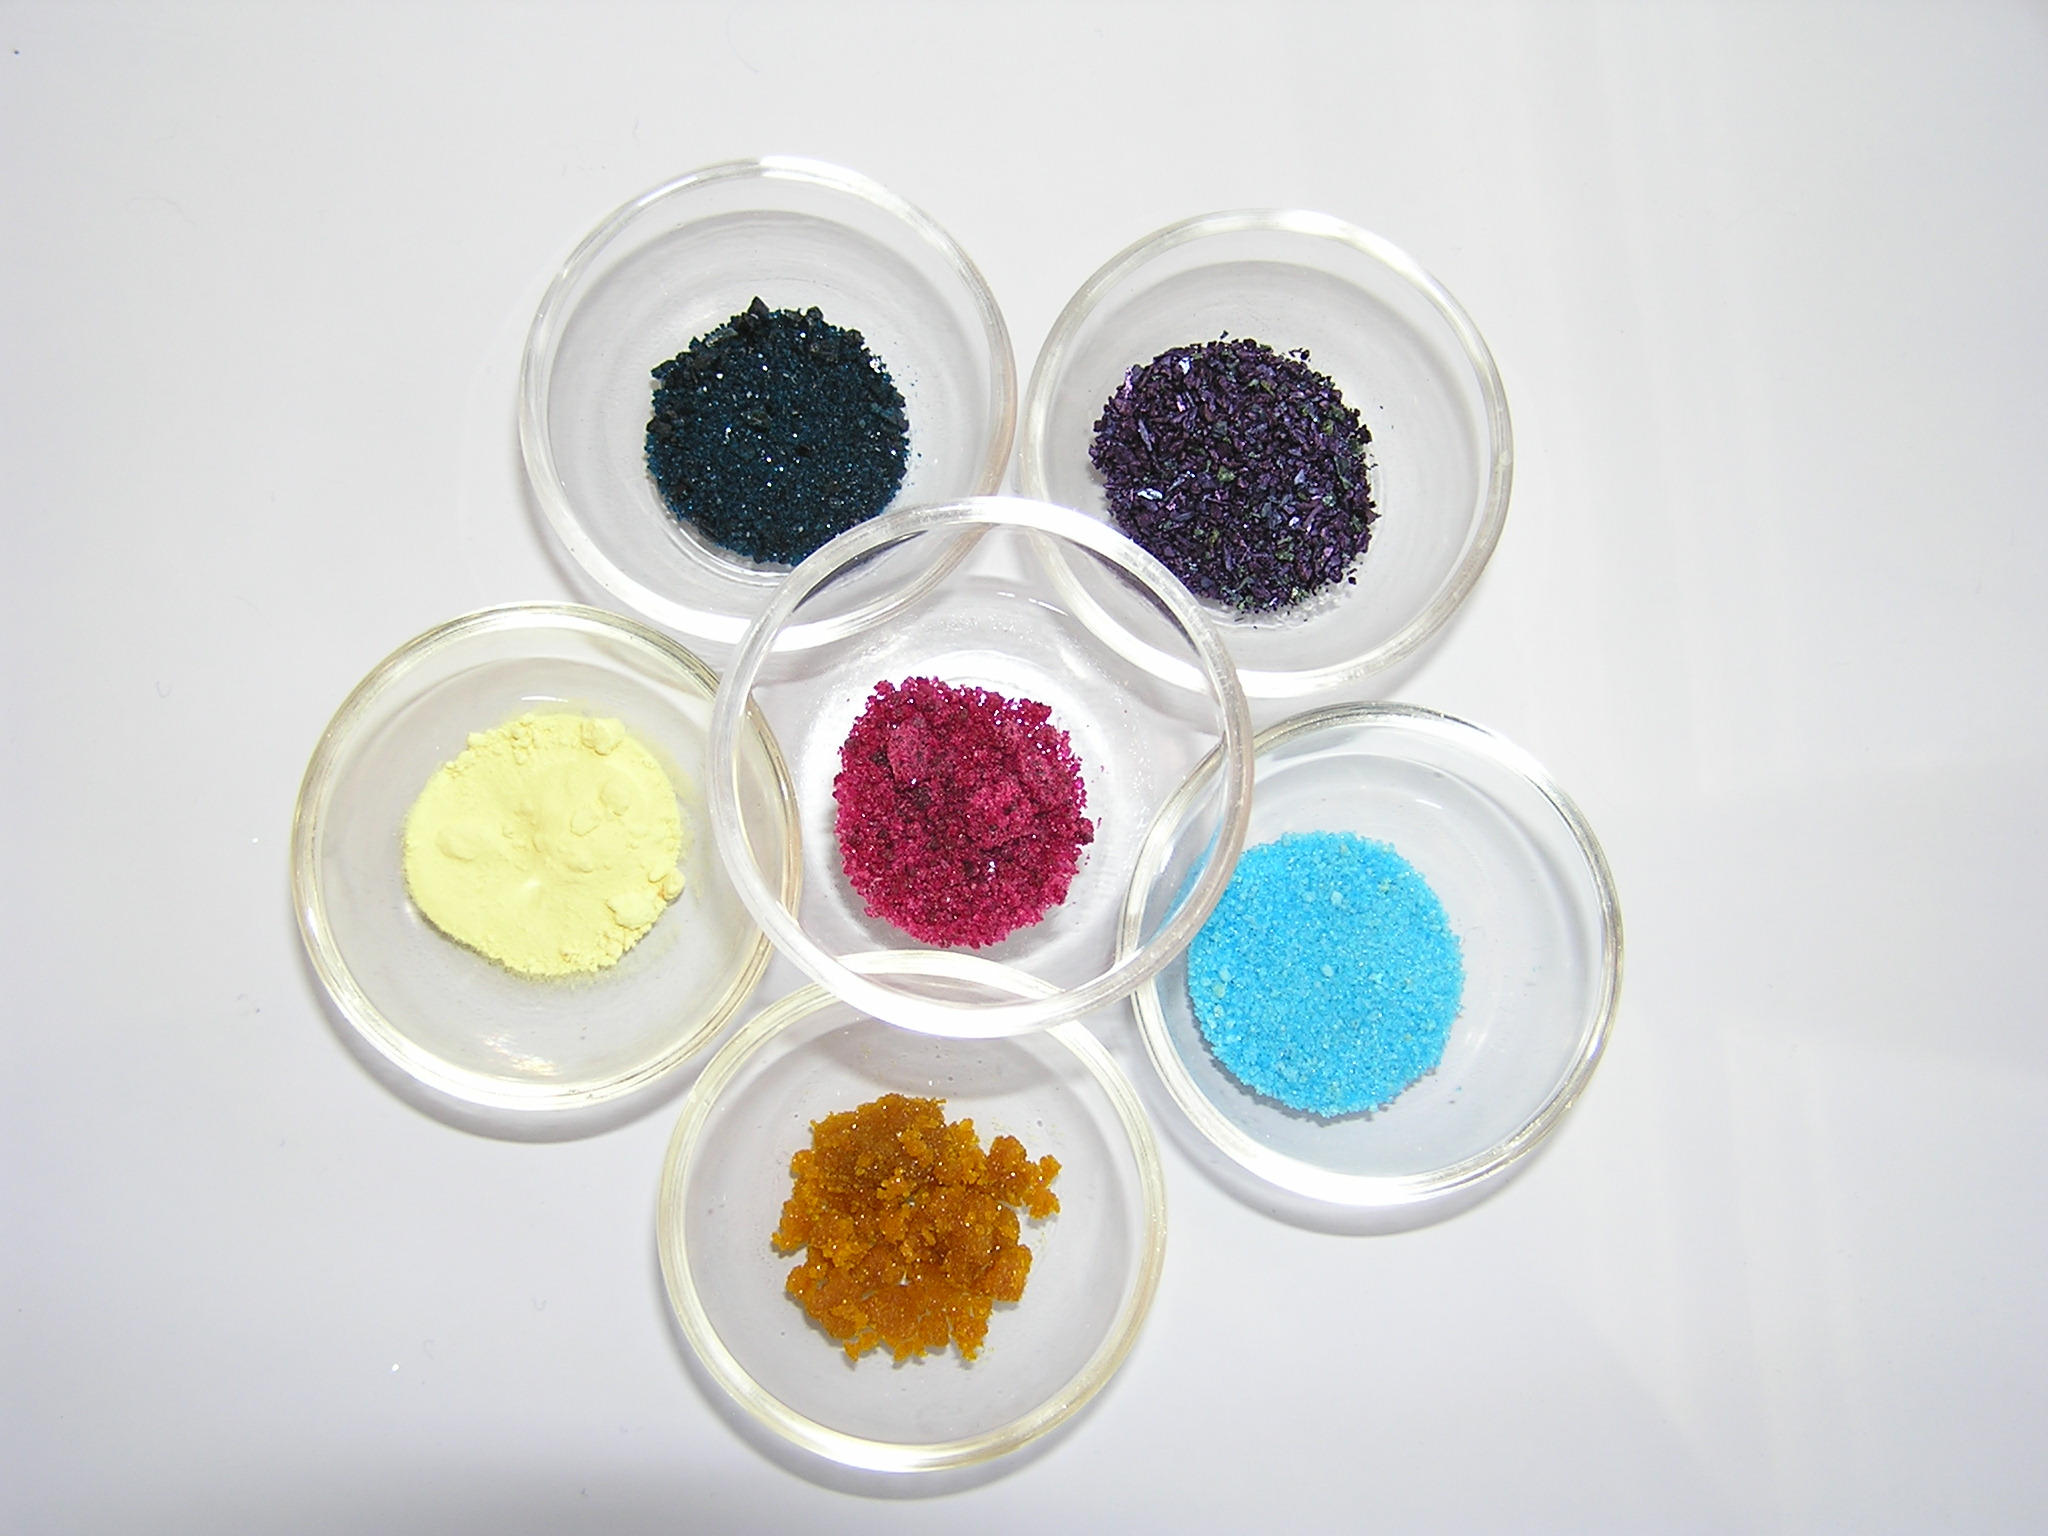 С левого нижнего угла по часовой стрелке: сера, ацетат меди, перманганат калия, сульфат меди, хлорид железа (III), хлорид кобальта (в центре)